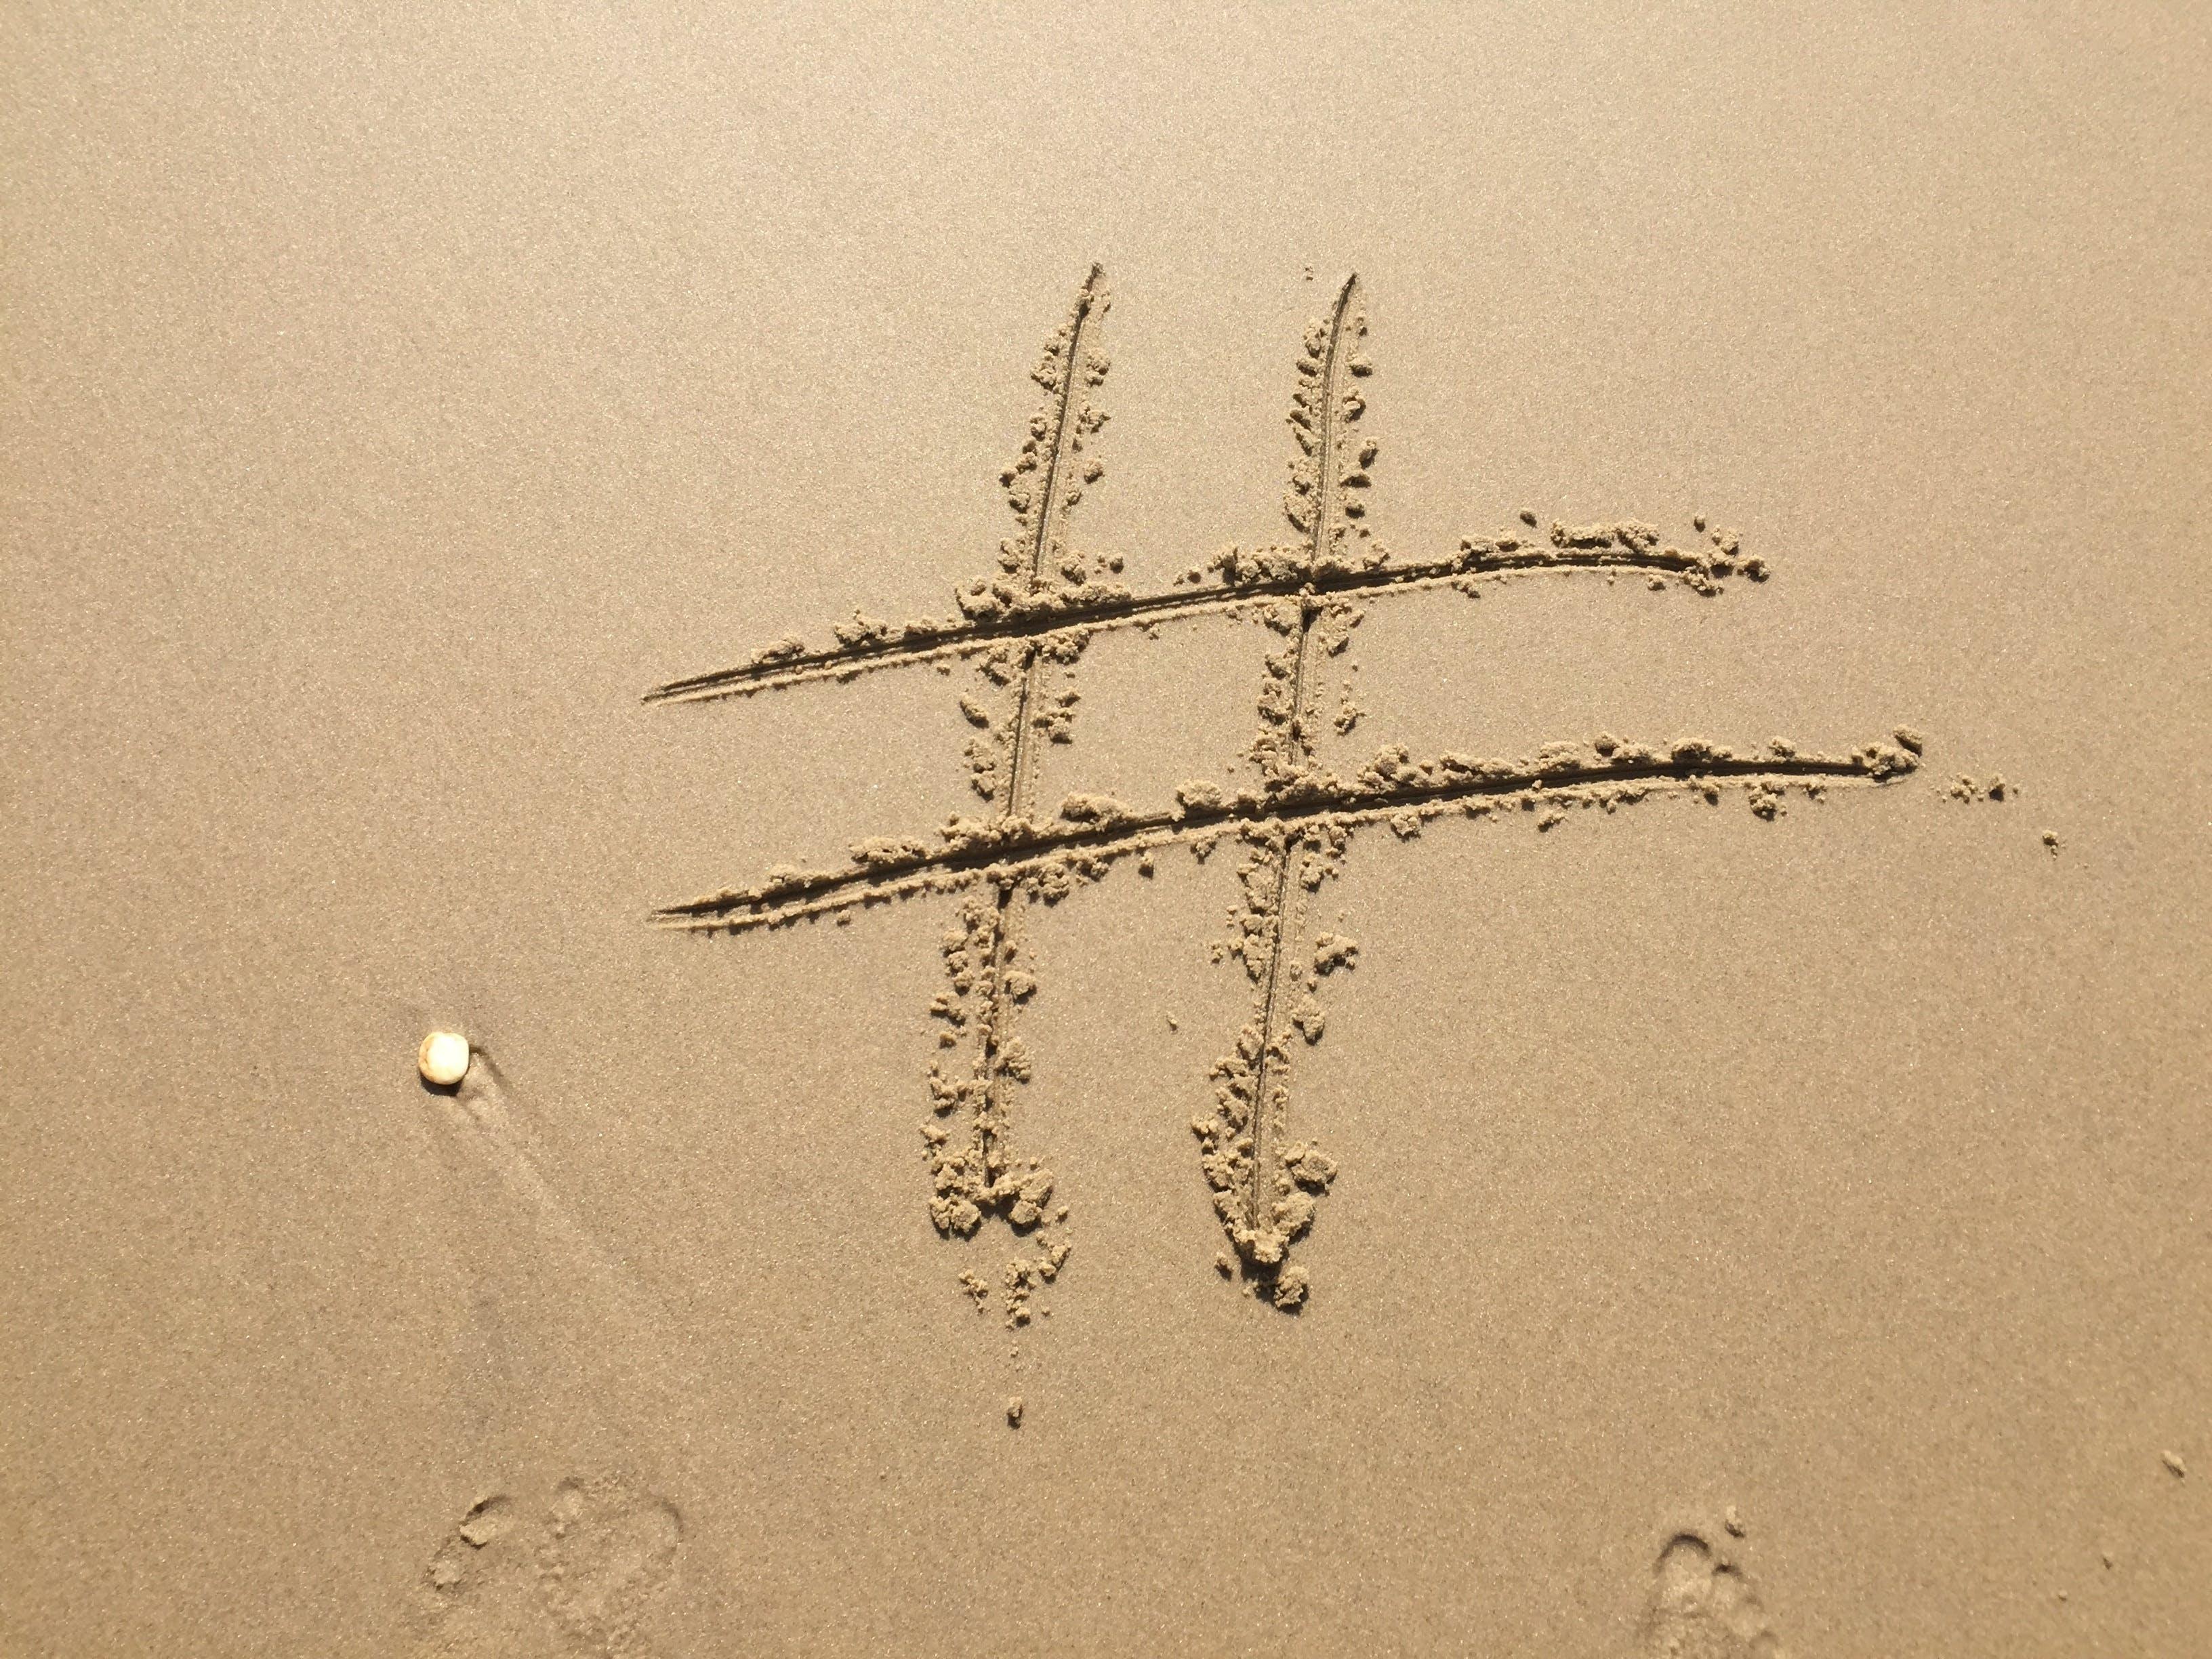 beach, footprint, hashtag